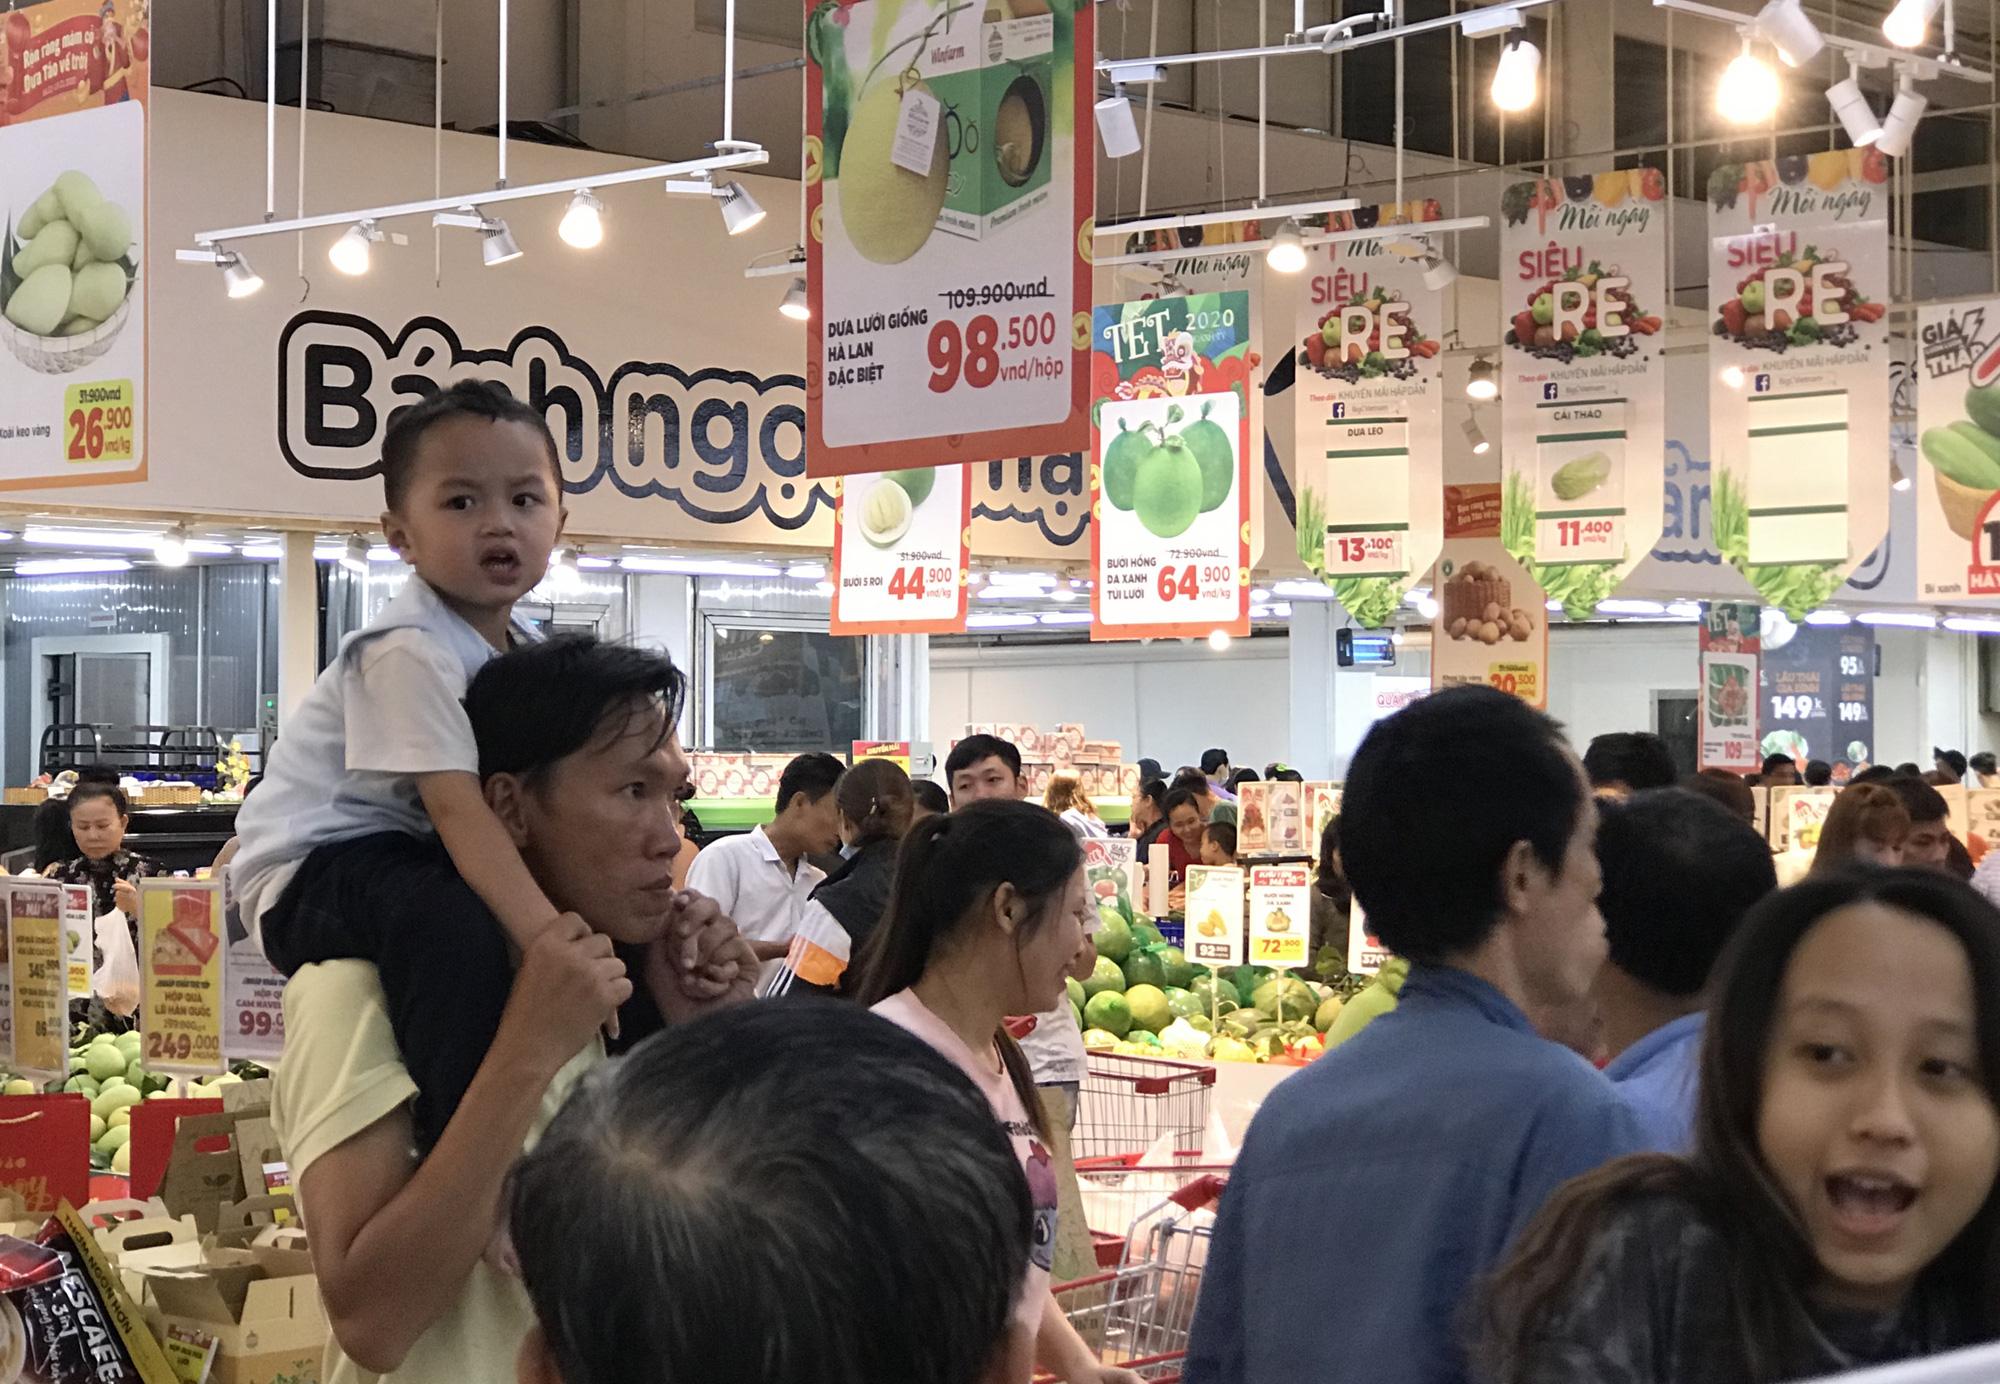 Người Sài Gòn vét sạch siêu thị trước Tết, người lớn xếp hàng chờ cả tiếng, trẻ con mệt mỏi vật vờ - Ảnh 4.